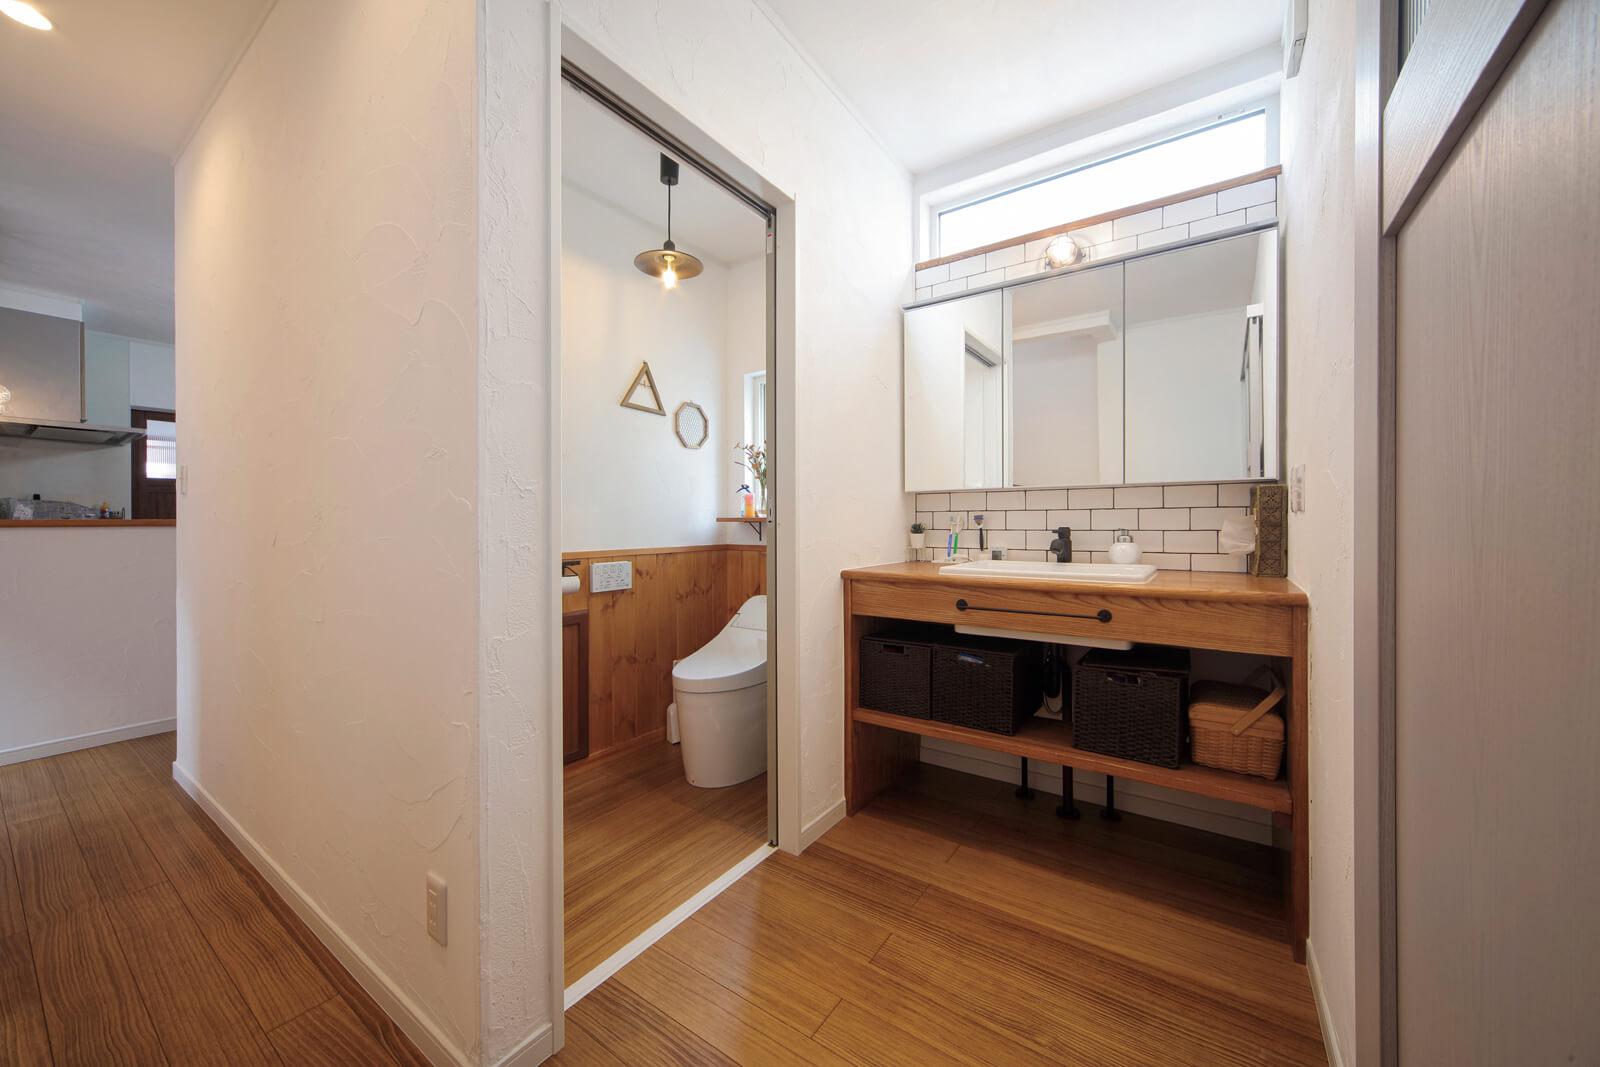 トイレの隣に設けられた造作の洗面台。ここにもキッチンと同じサブウェイタイルが使われている